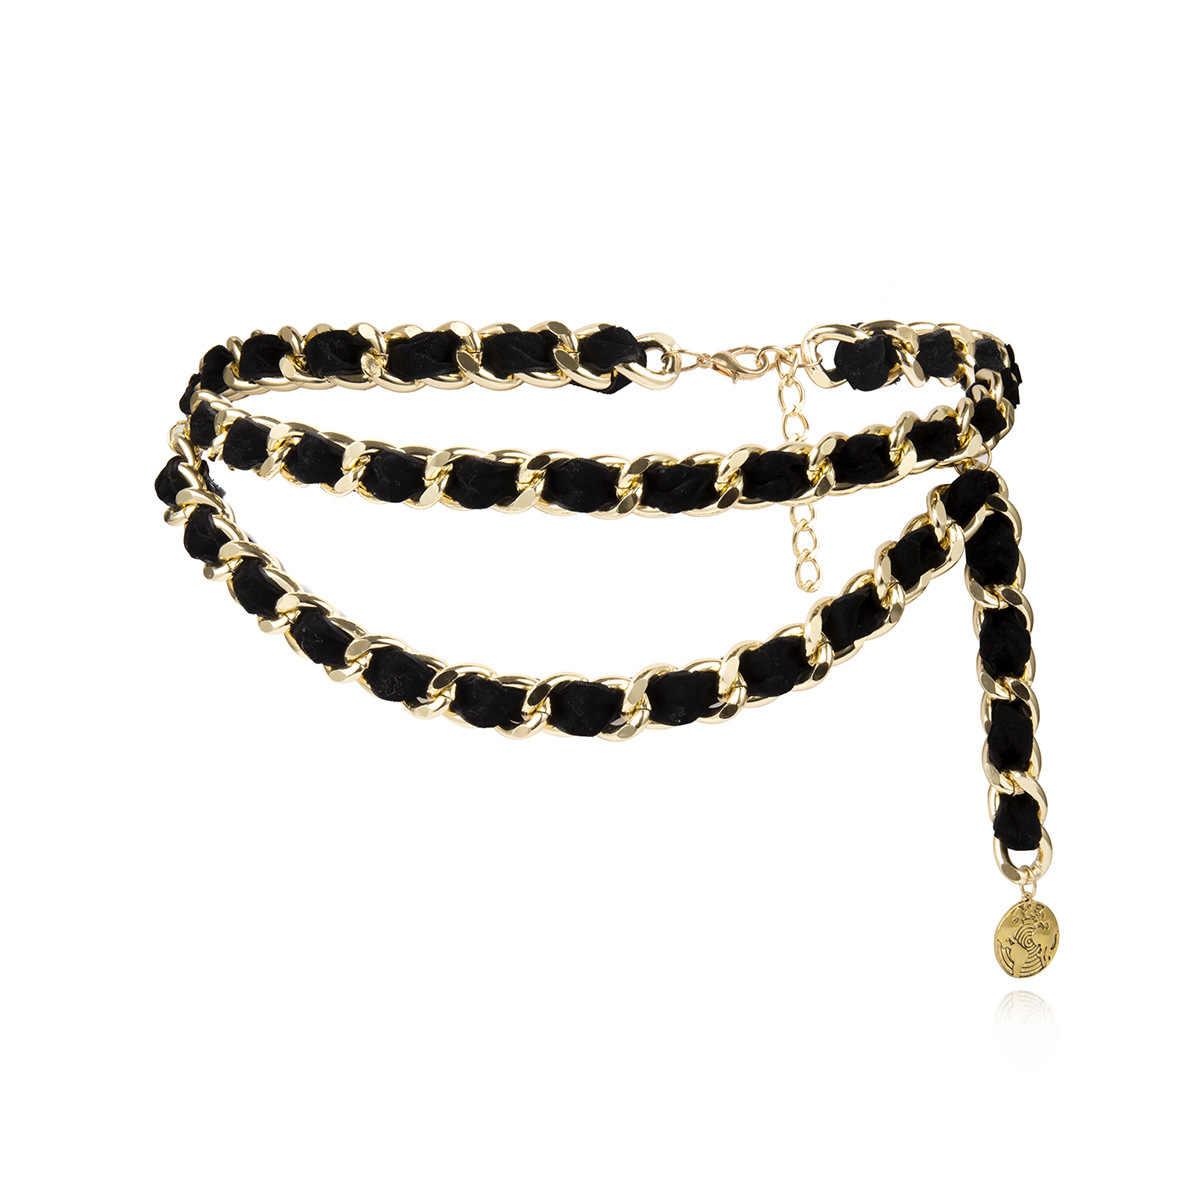 Kobiet Fringe ze stopu metali łańcuszek do spodni dla kobiet kitki flanelowe złoty pas panie przesadzone Vintage uciekają łańcuch talii 139